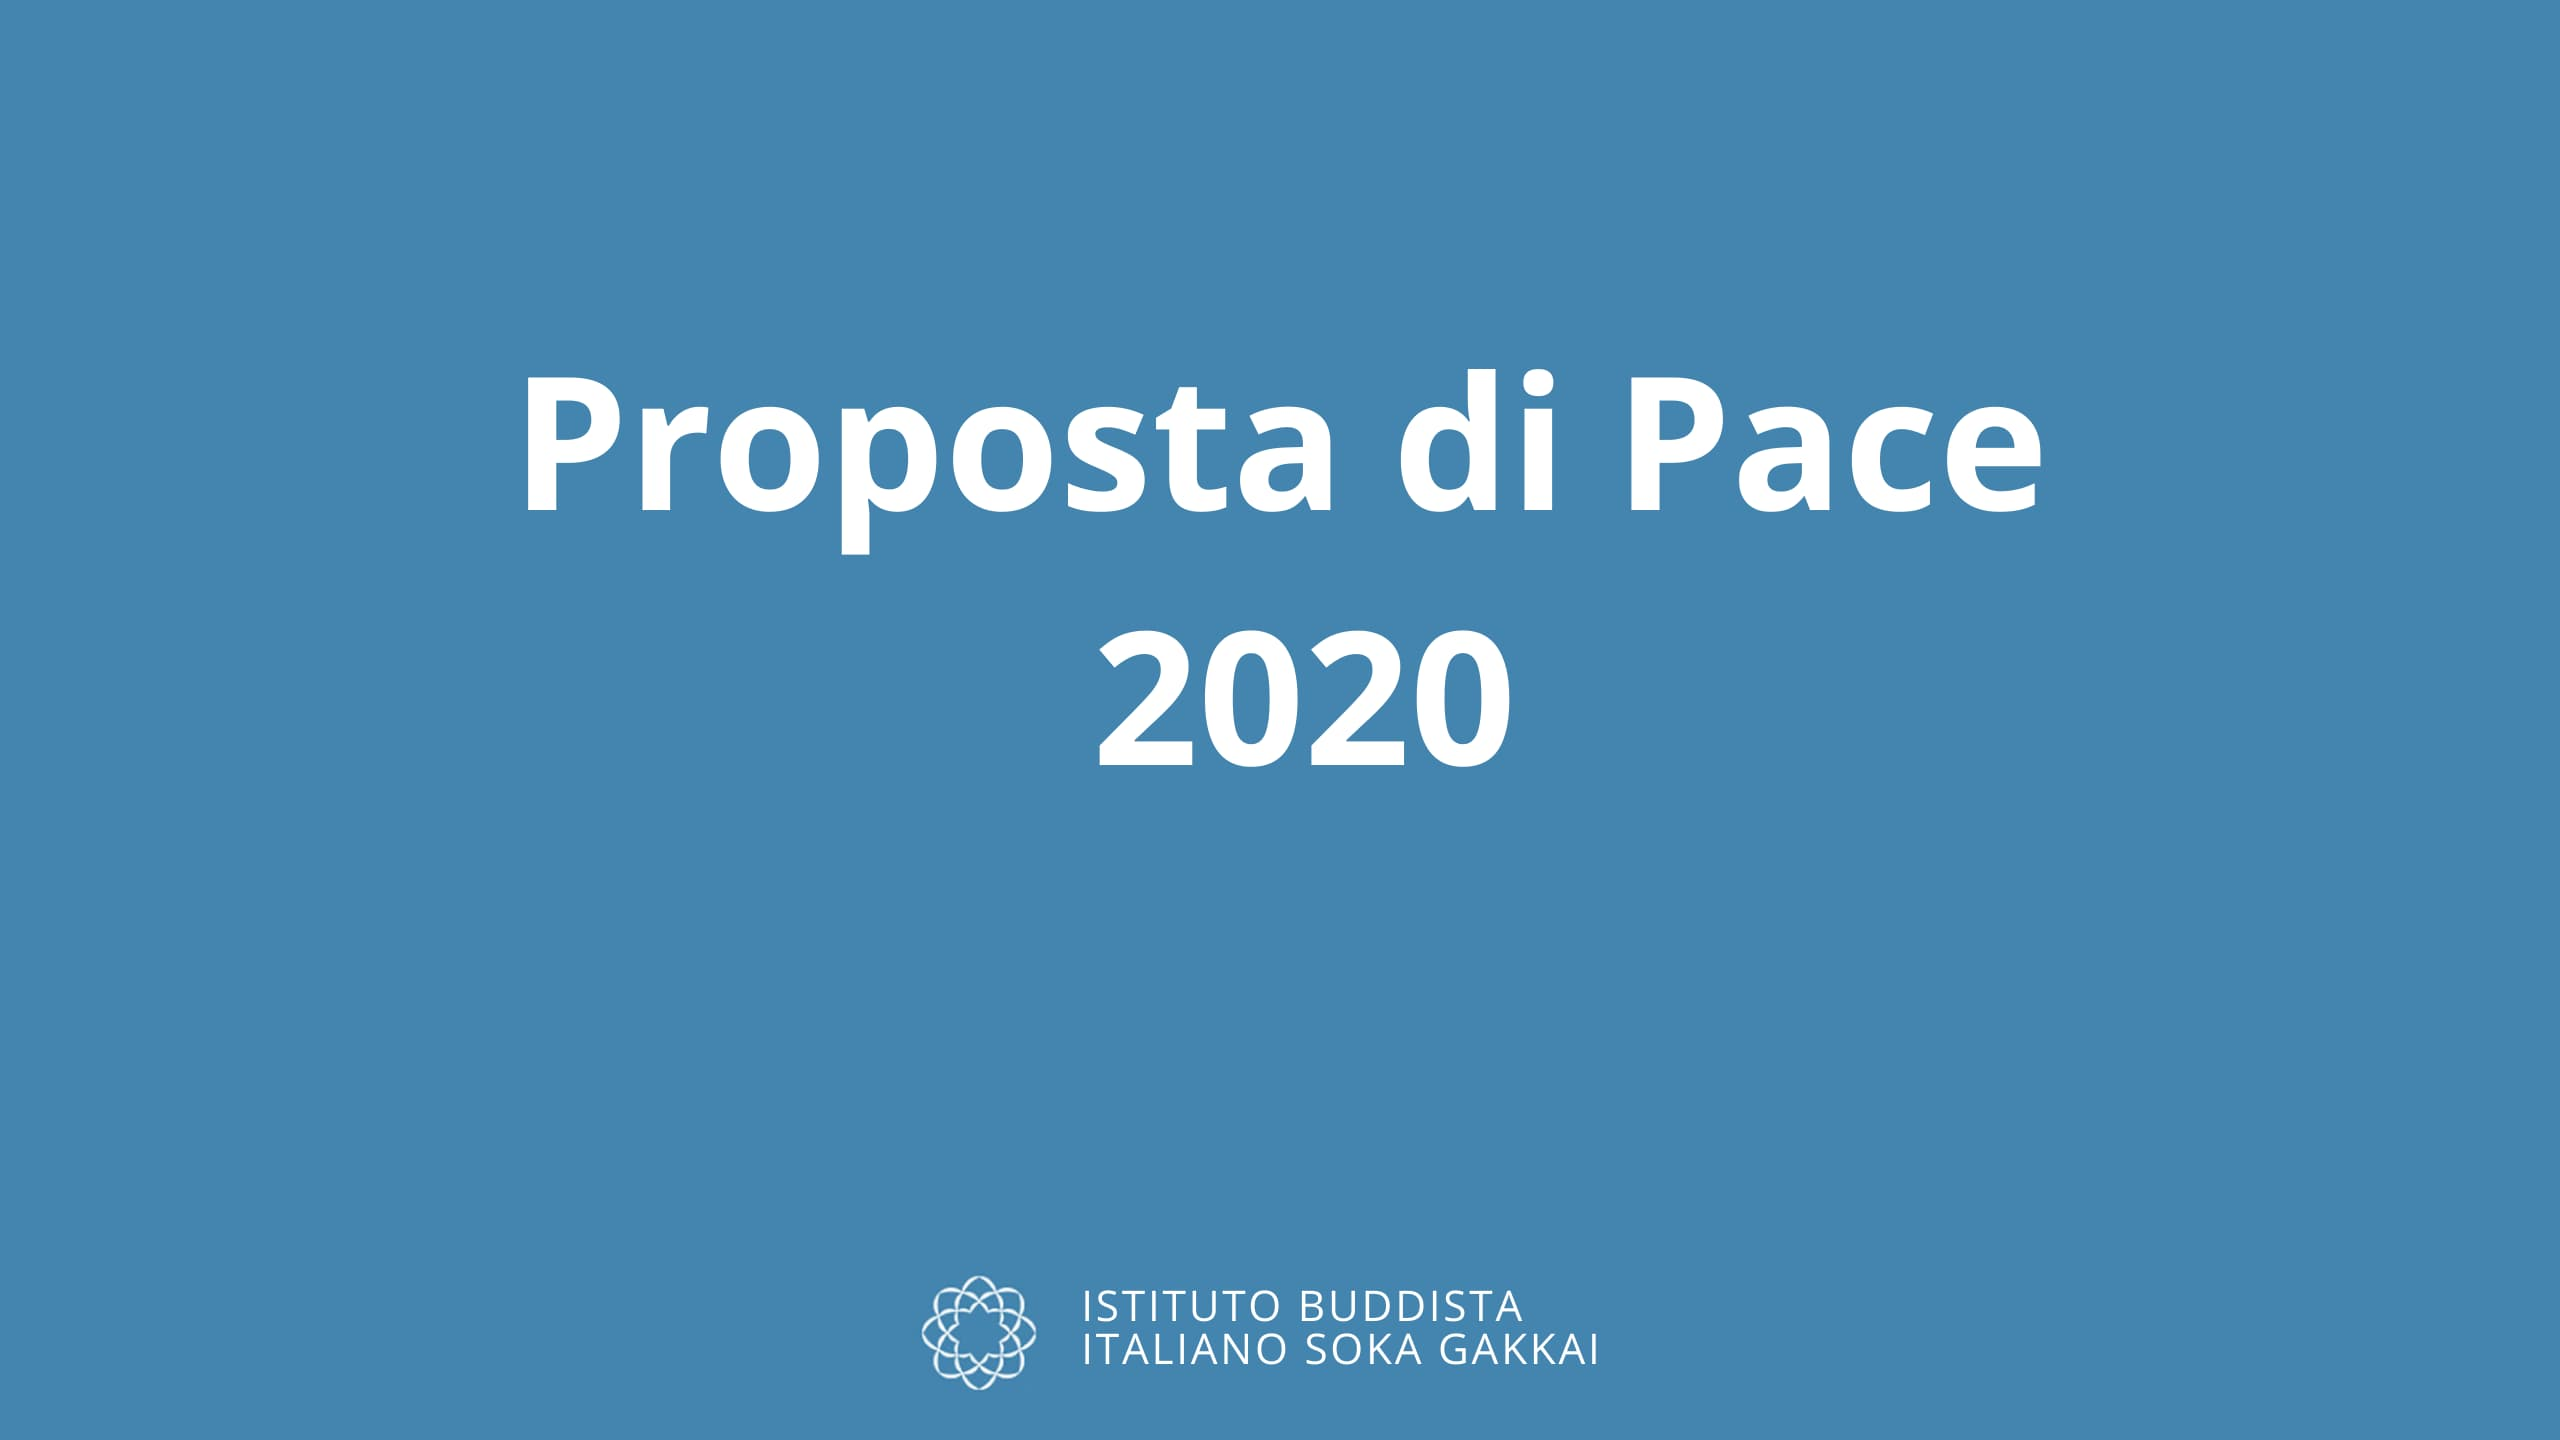 Proposta di Pace 2020